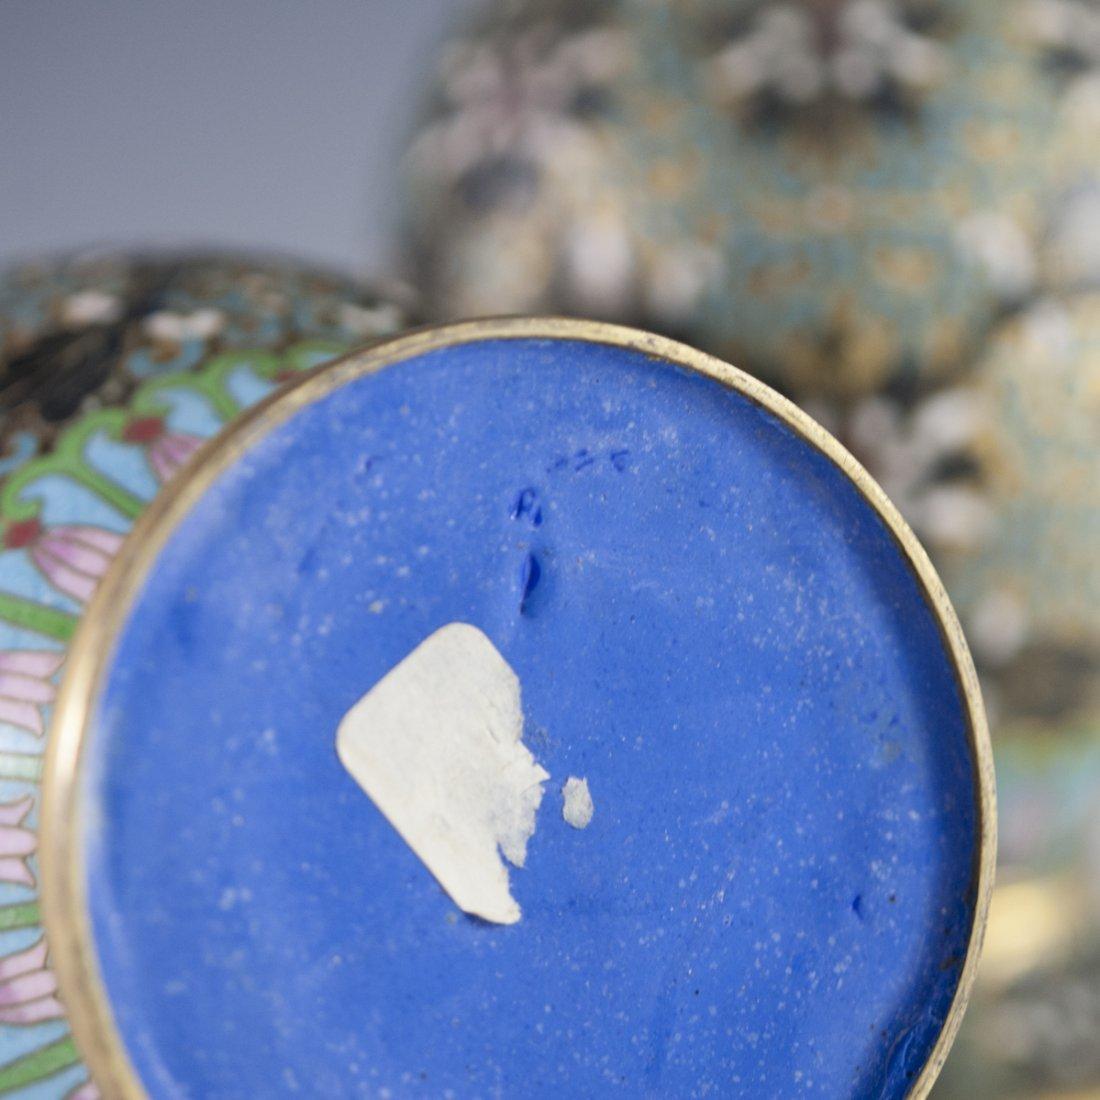 Vintage Cloisonne Enameled Vases - 3